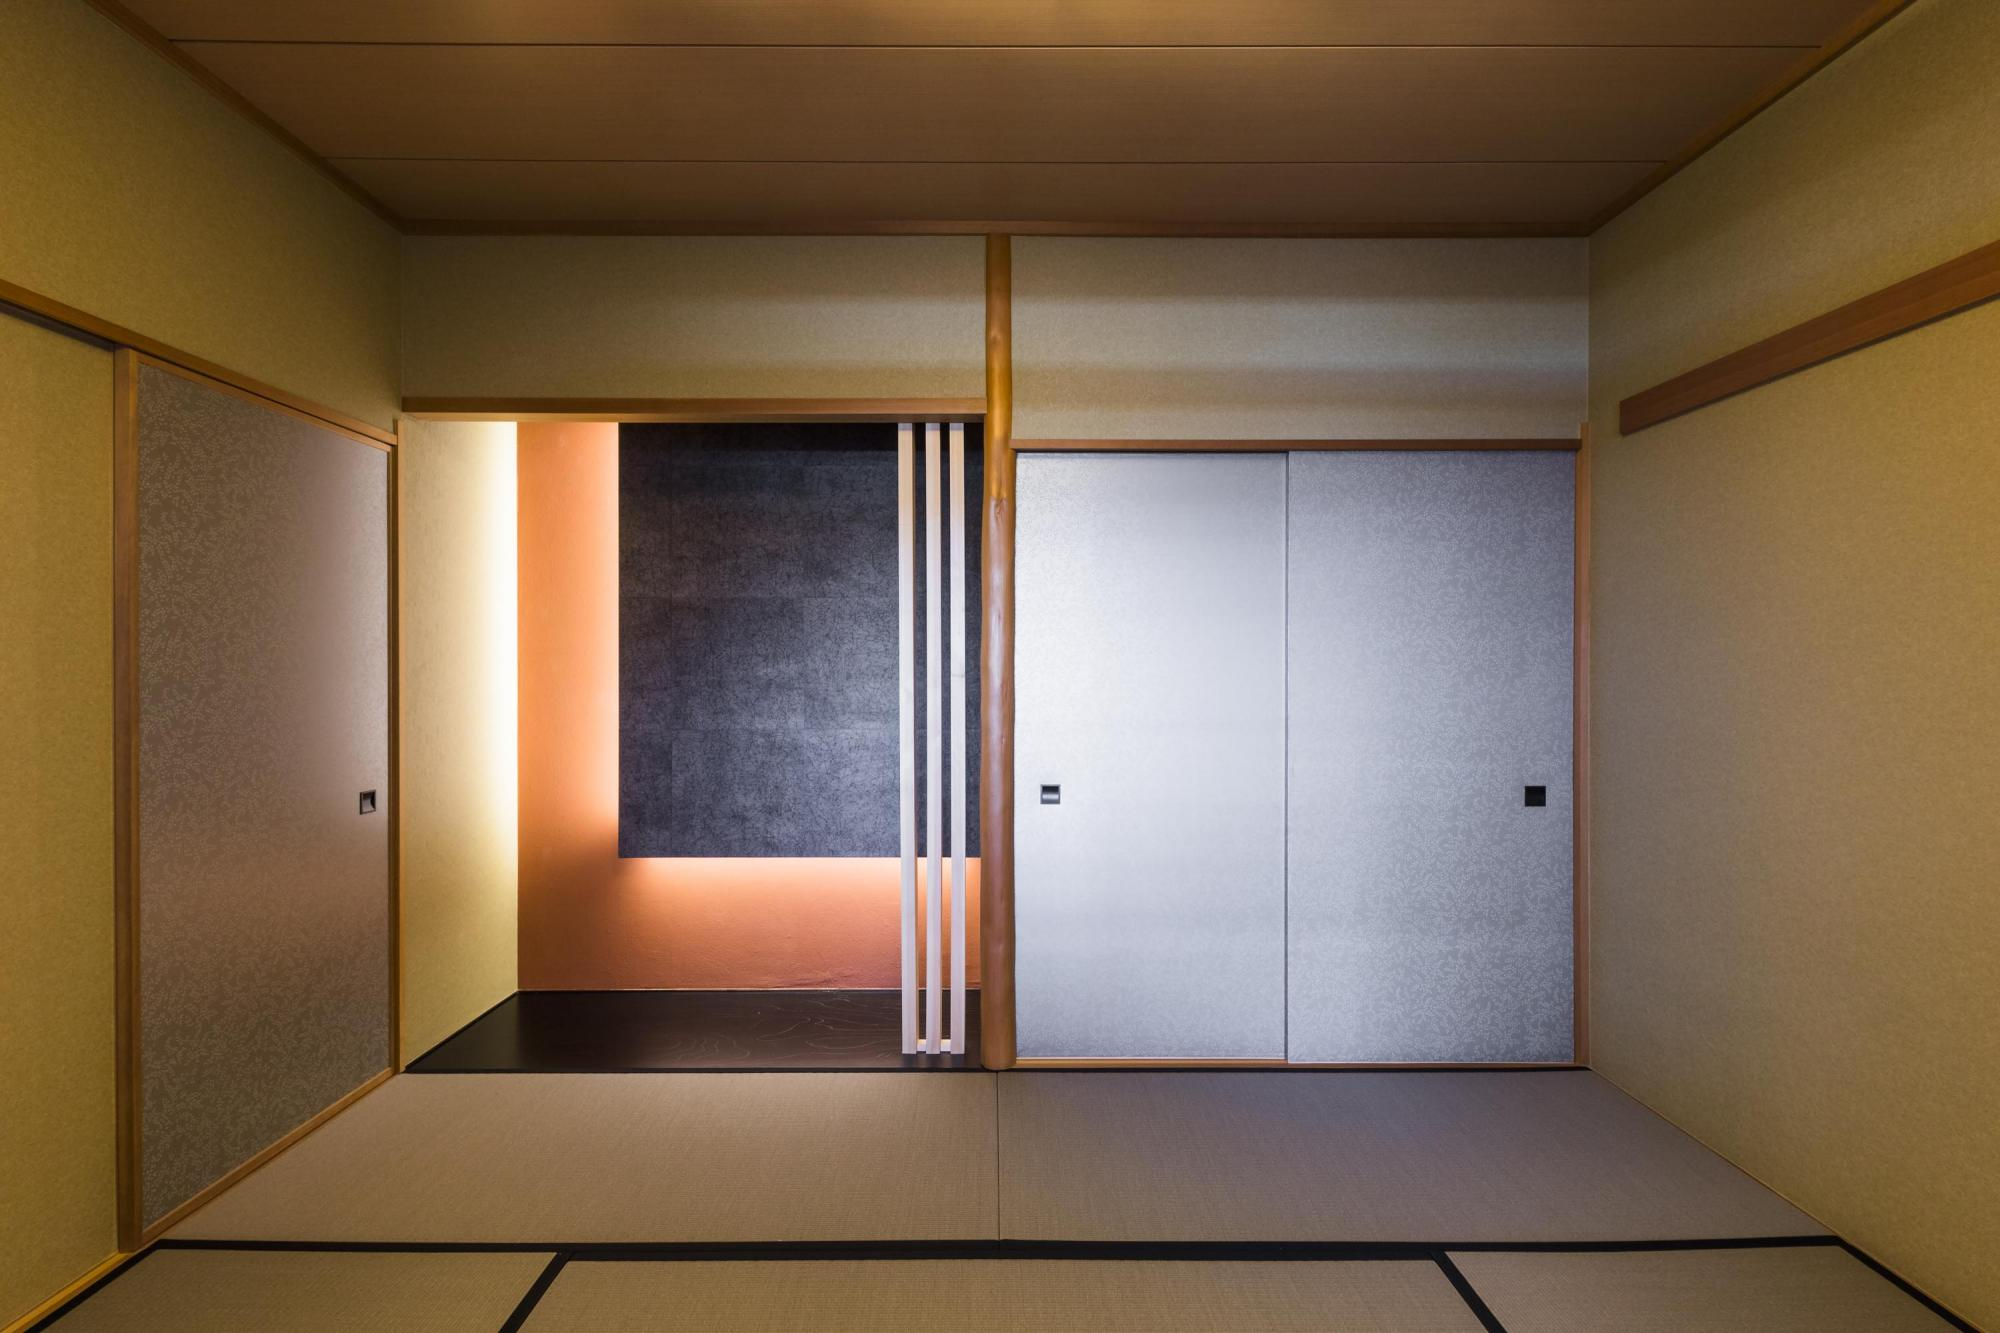 リビングに隣接した大壁の和室。床の間の一面にダークな色のクロスを採用し、間接照明が映える空間に。格子スクリーンがアクセントになっている